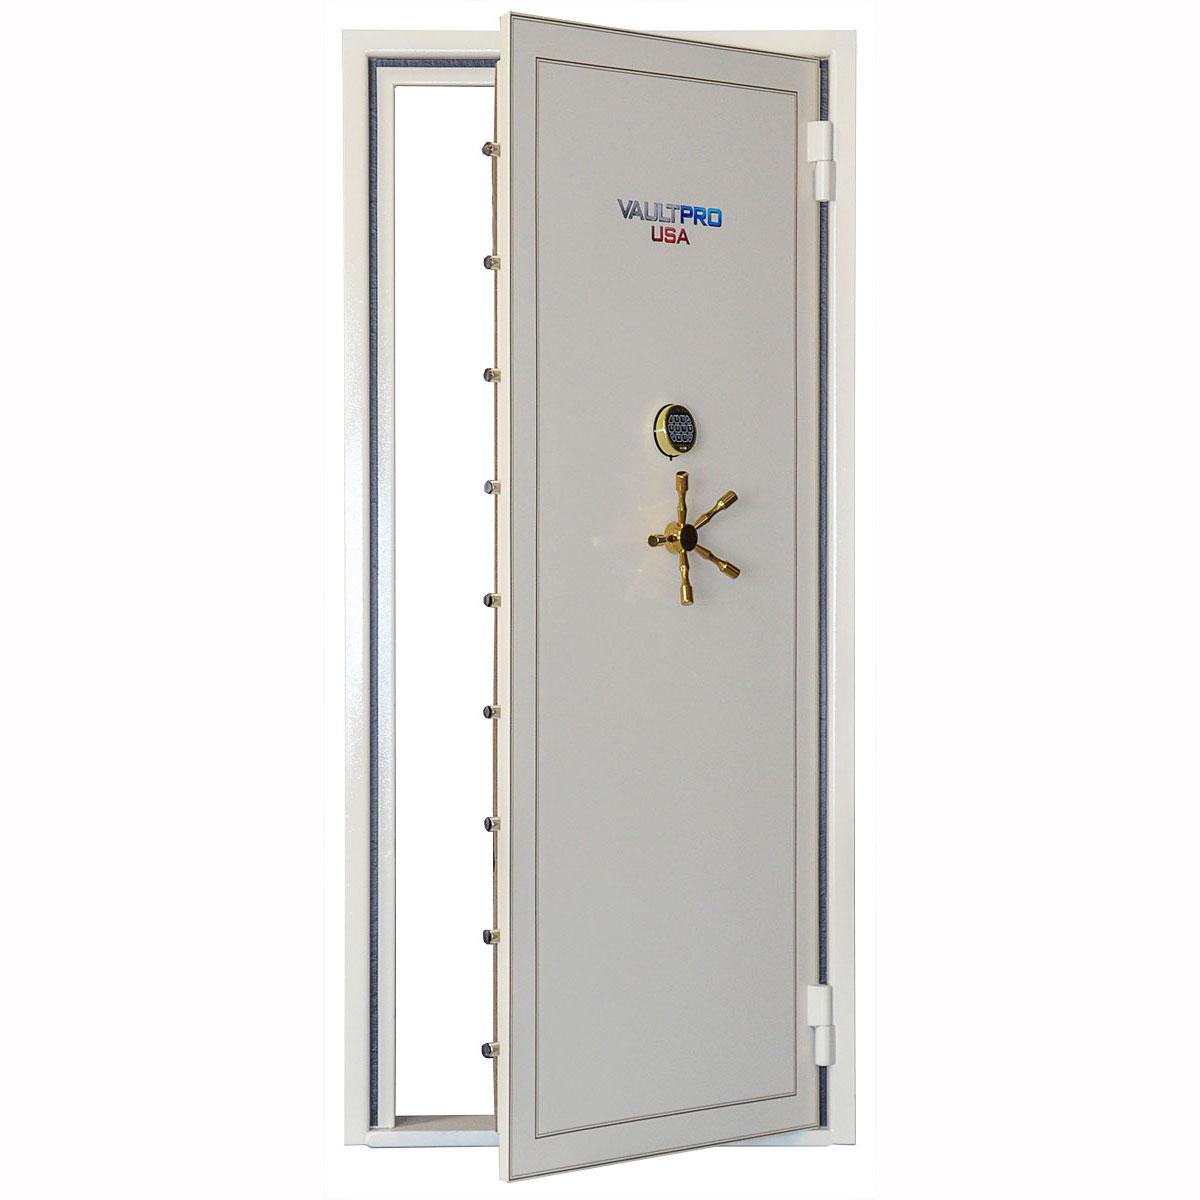 Used Vault Doors : Vault pro executive series door